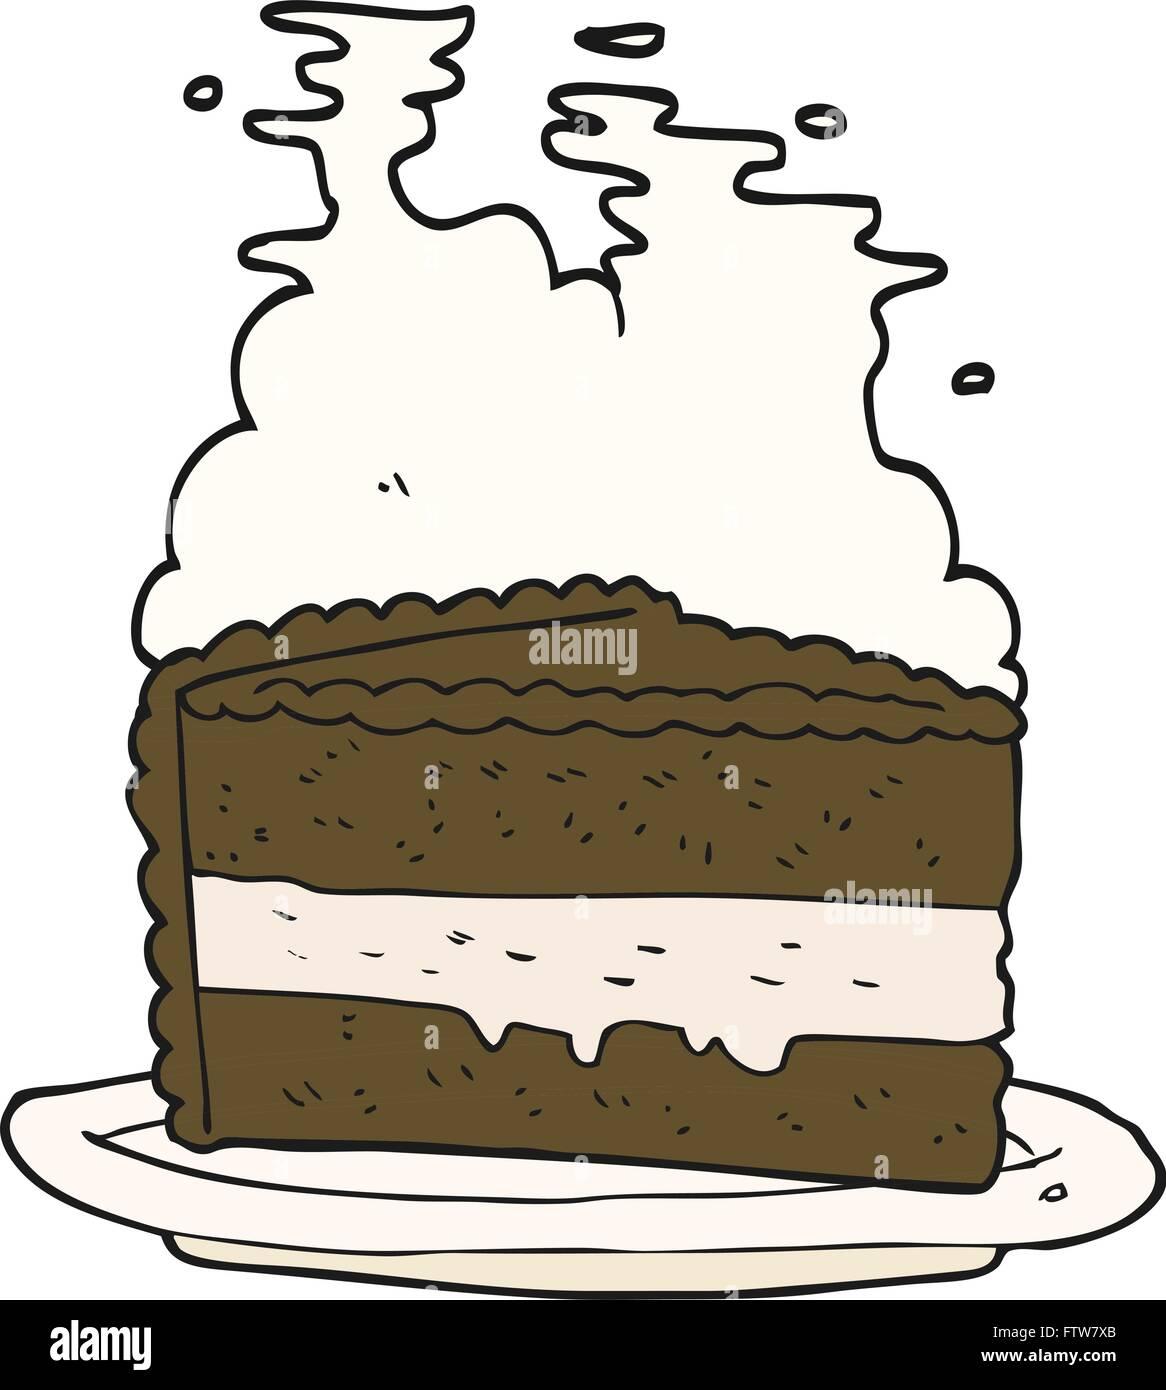 Freihandig Gezeichnete Cartoon Kuchen Vektor Abbildung Bild